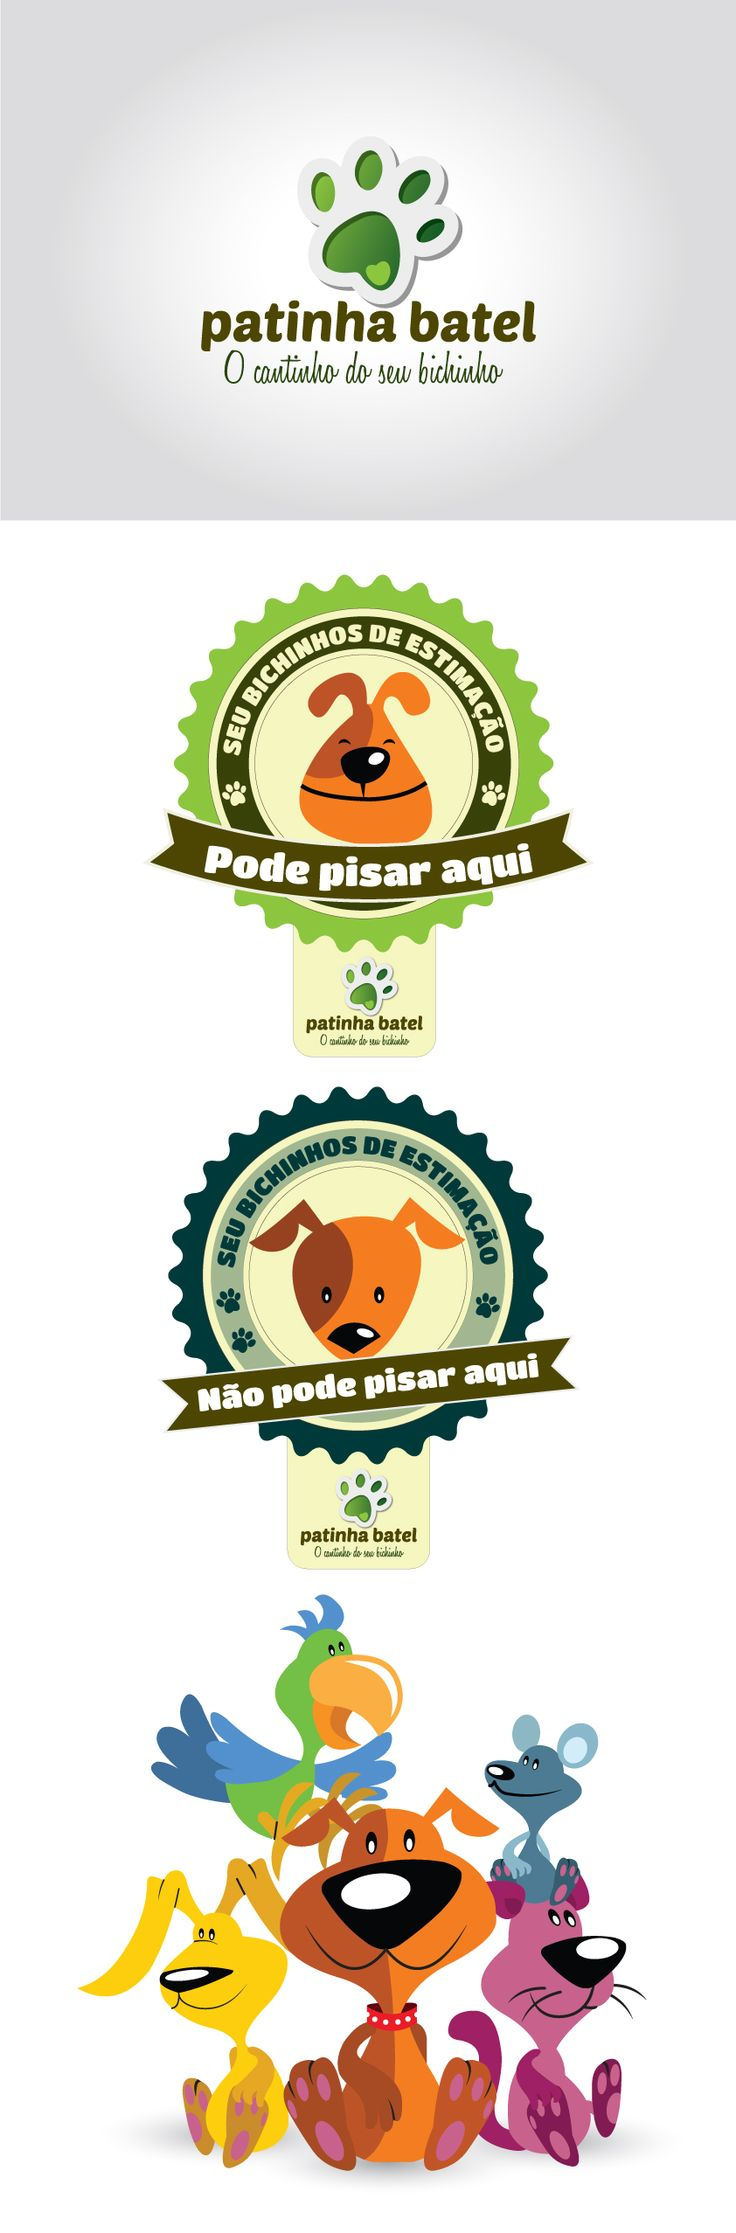 logo + adesivos || 2013 • Curitiba/PR [ilustração: Rene Júnior]